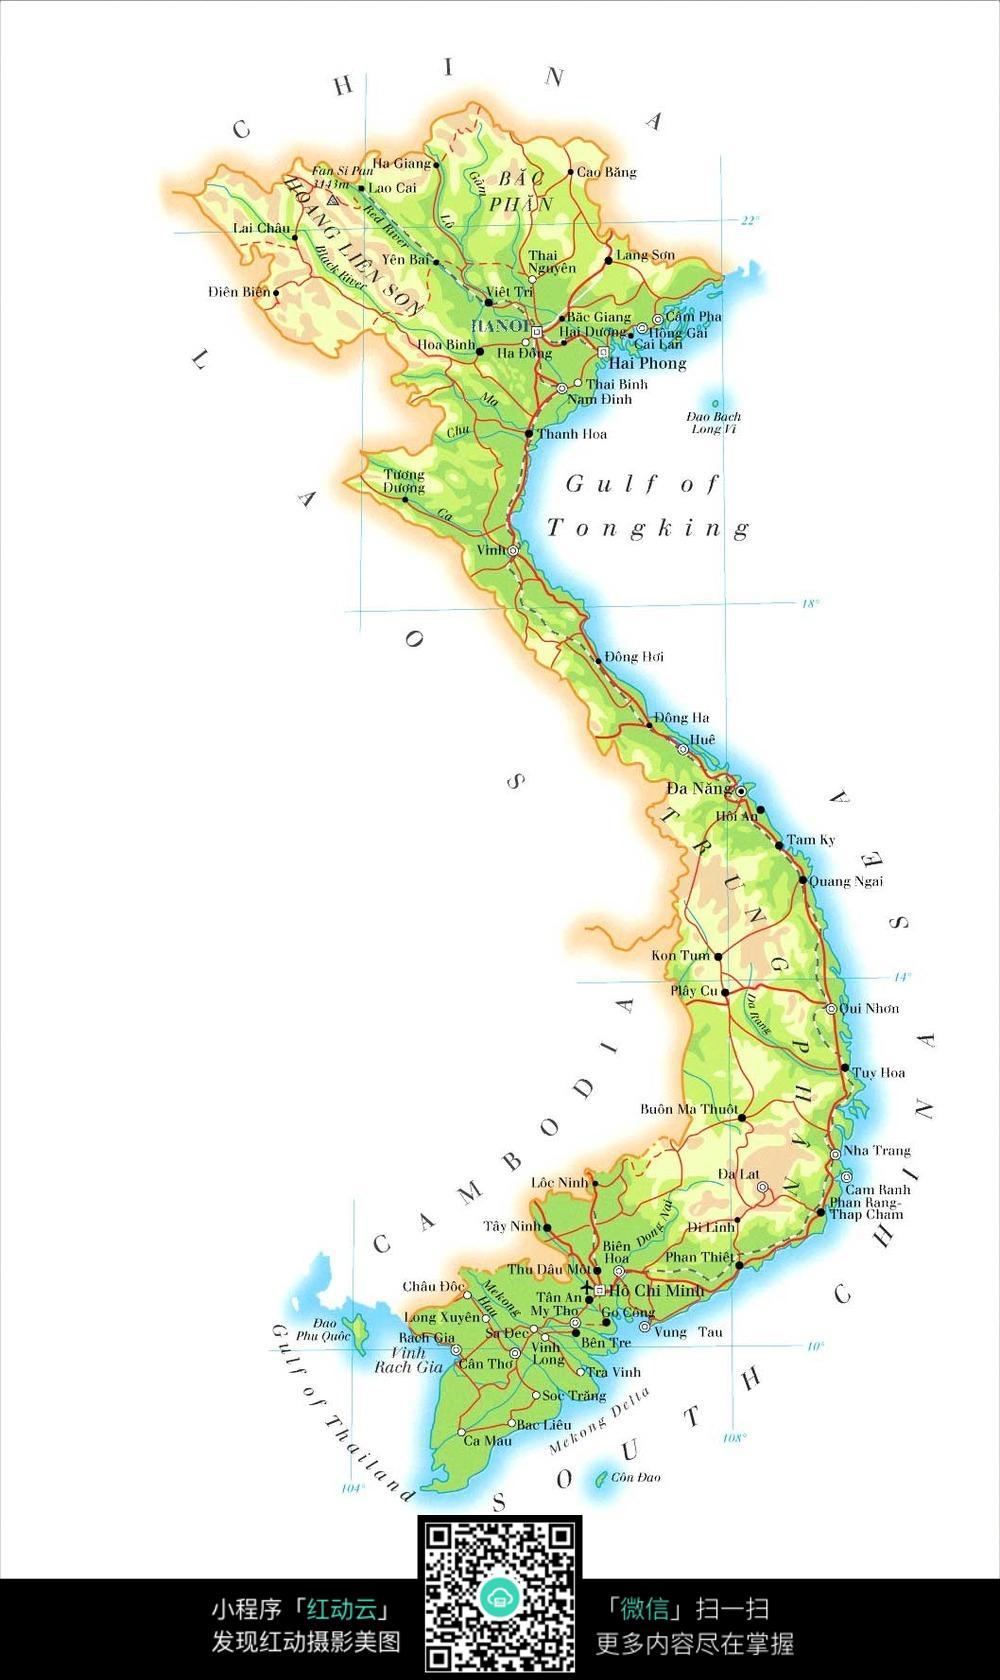 越南地图jpg